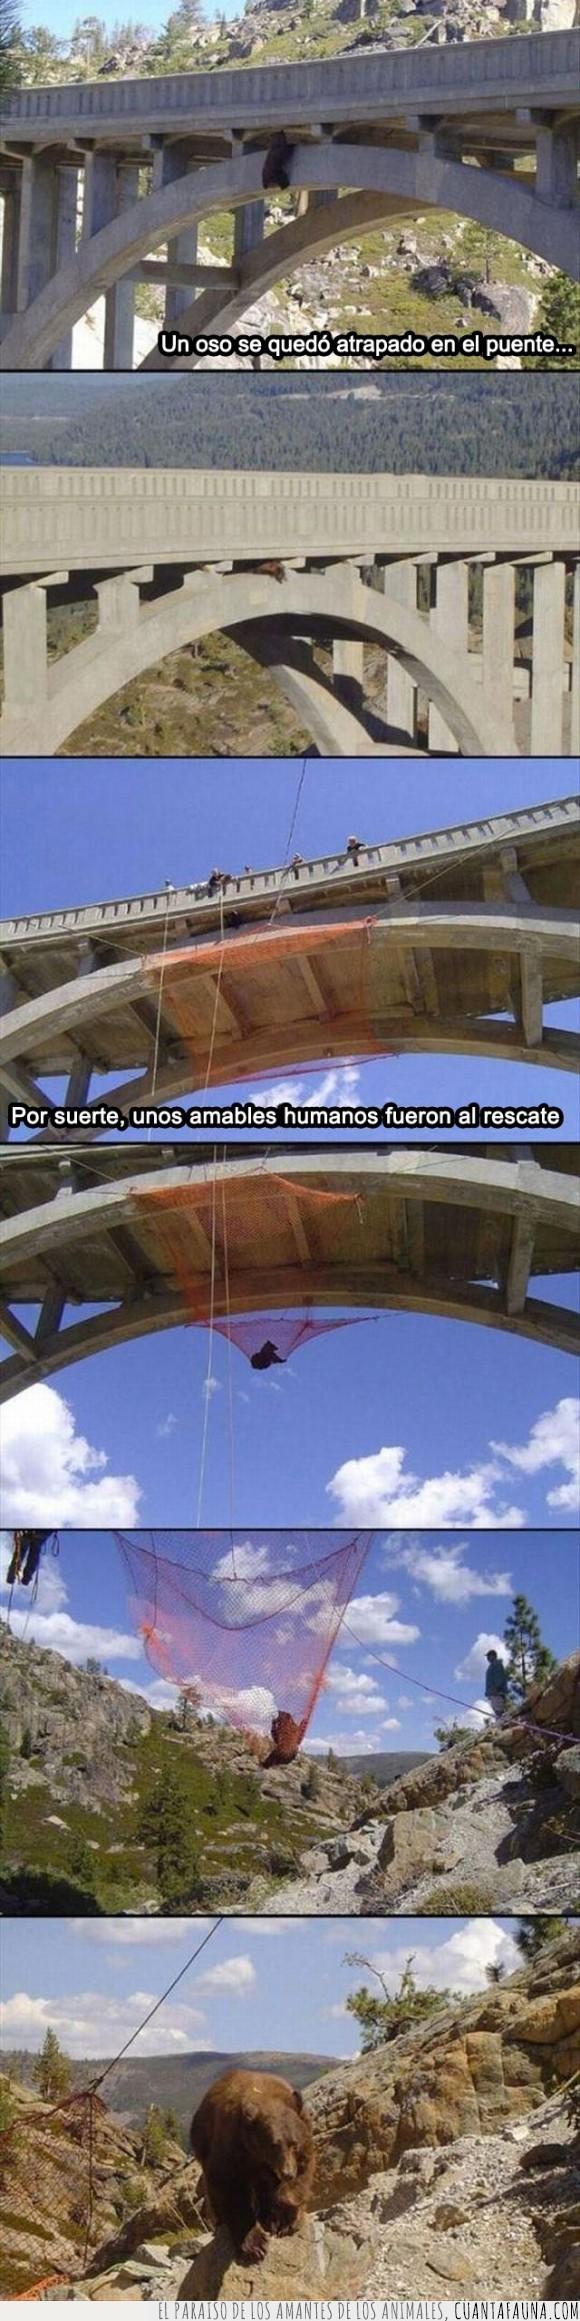 atrapado,ayudar,bajar,naturaleza,oso,puente,red,salvar